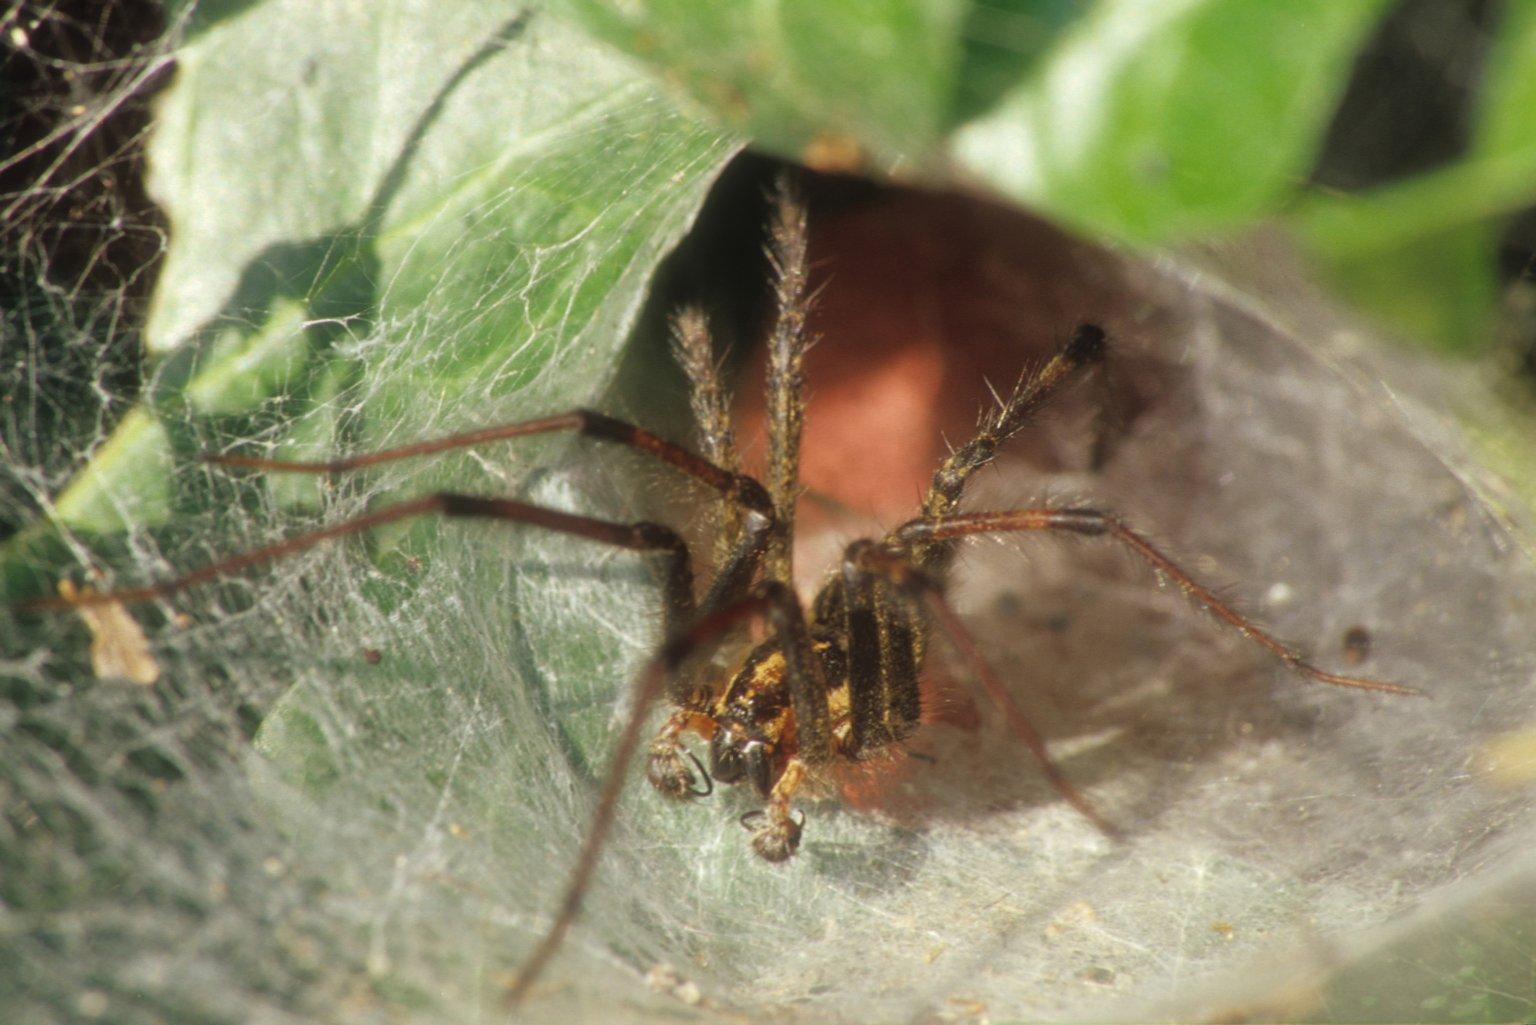 Agelenopsis sp (Agelenidae)